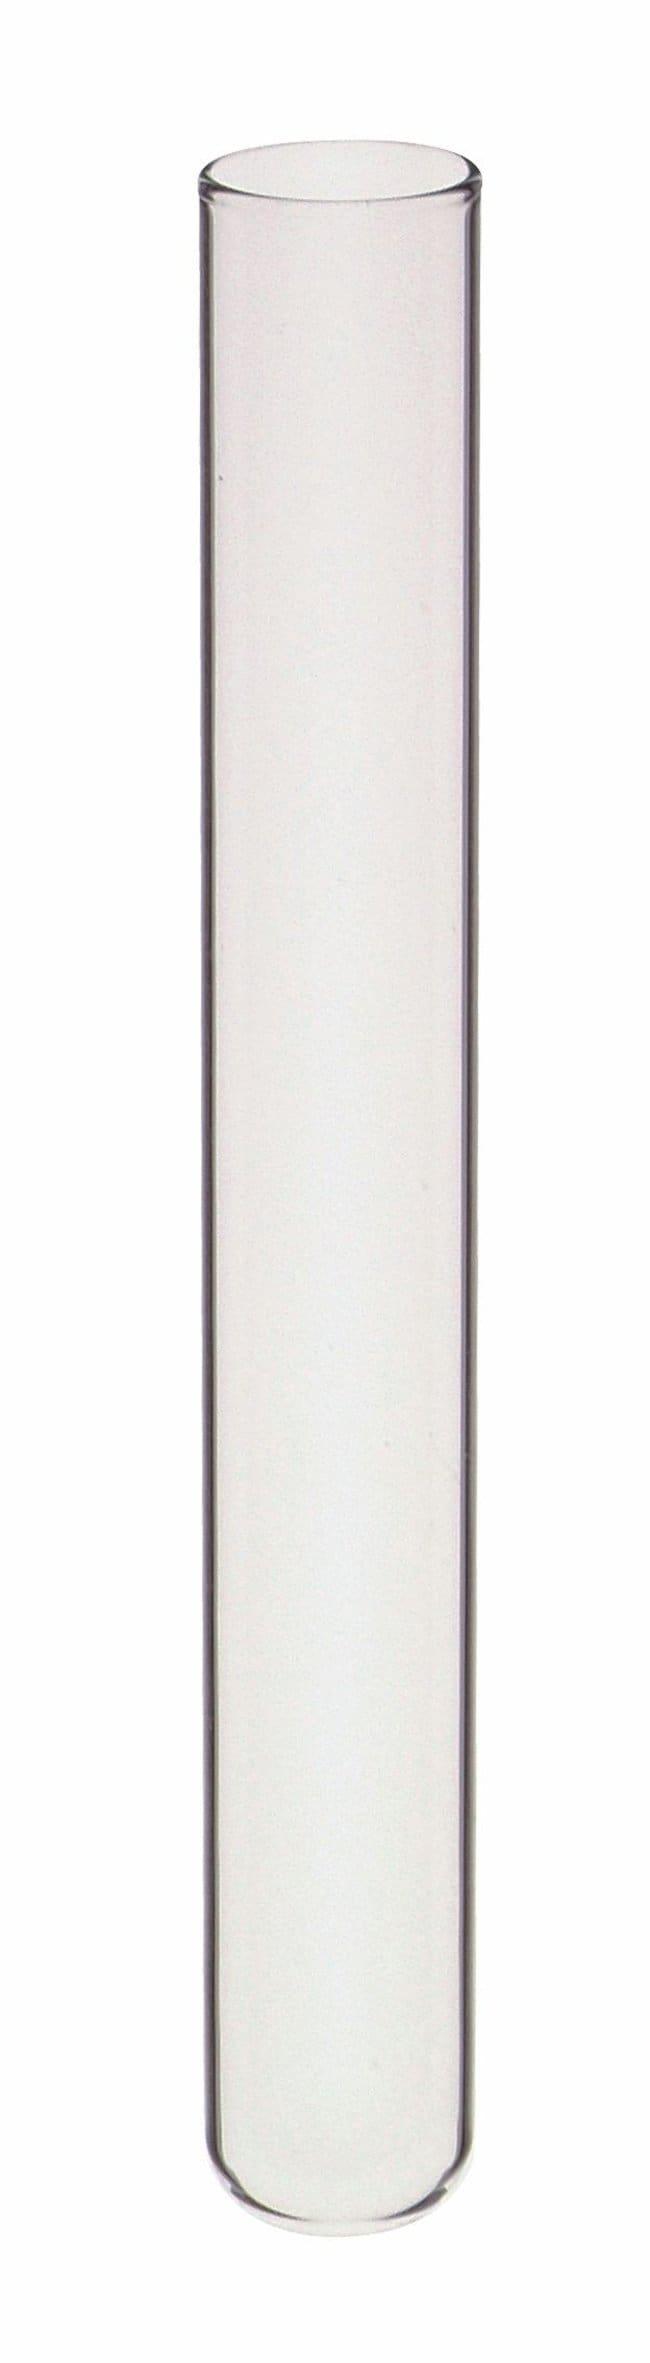 Fisherbrand™Reagenzgläser ohne Rand, aus Kalknatronglas Abmessungen: 10 Durchmesserx 75mmHöhe Fisherbrand™Reagenzgläser ohne Rand, aus Kalknatronglas